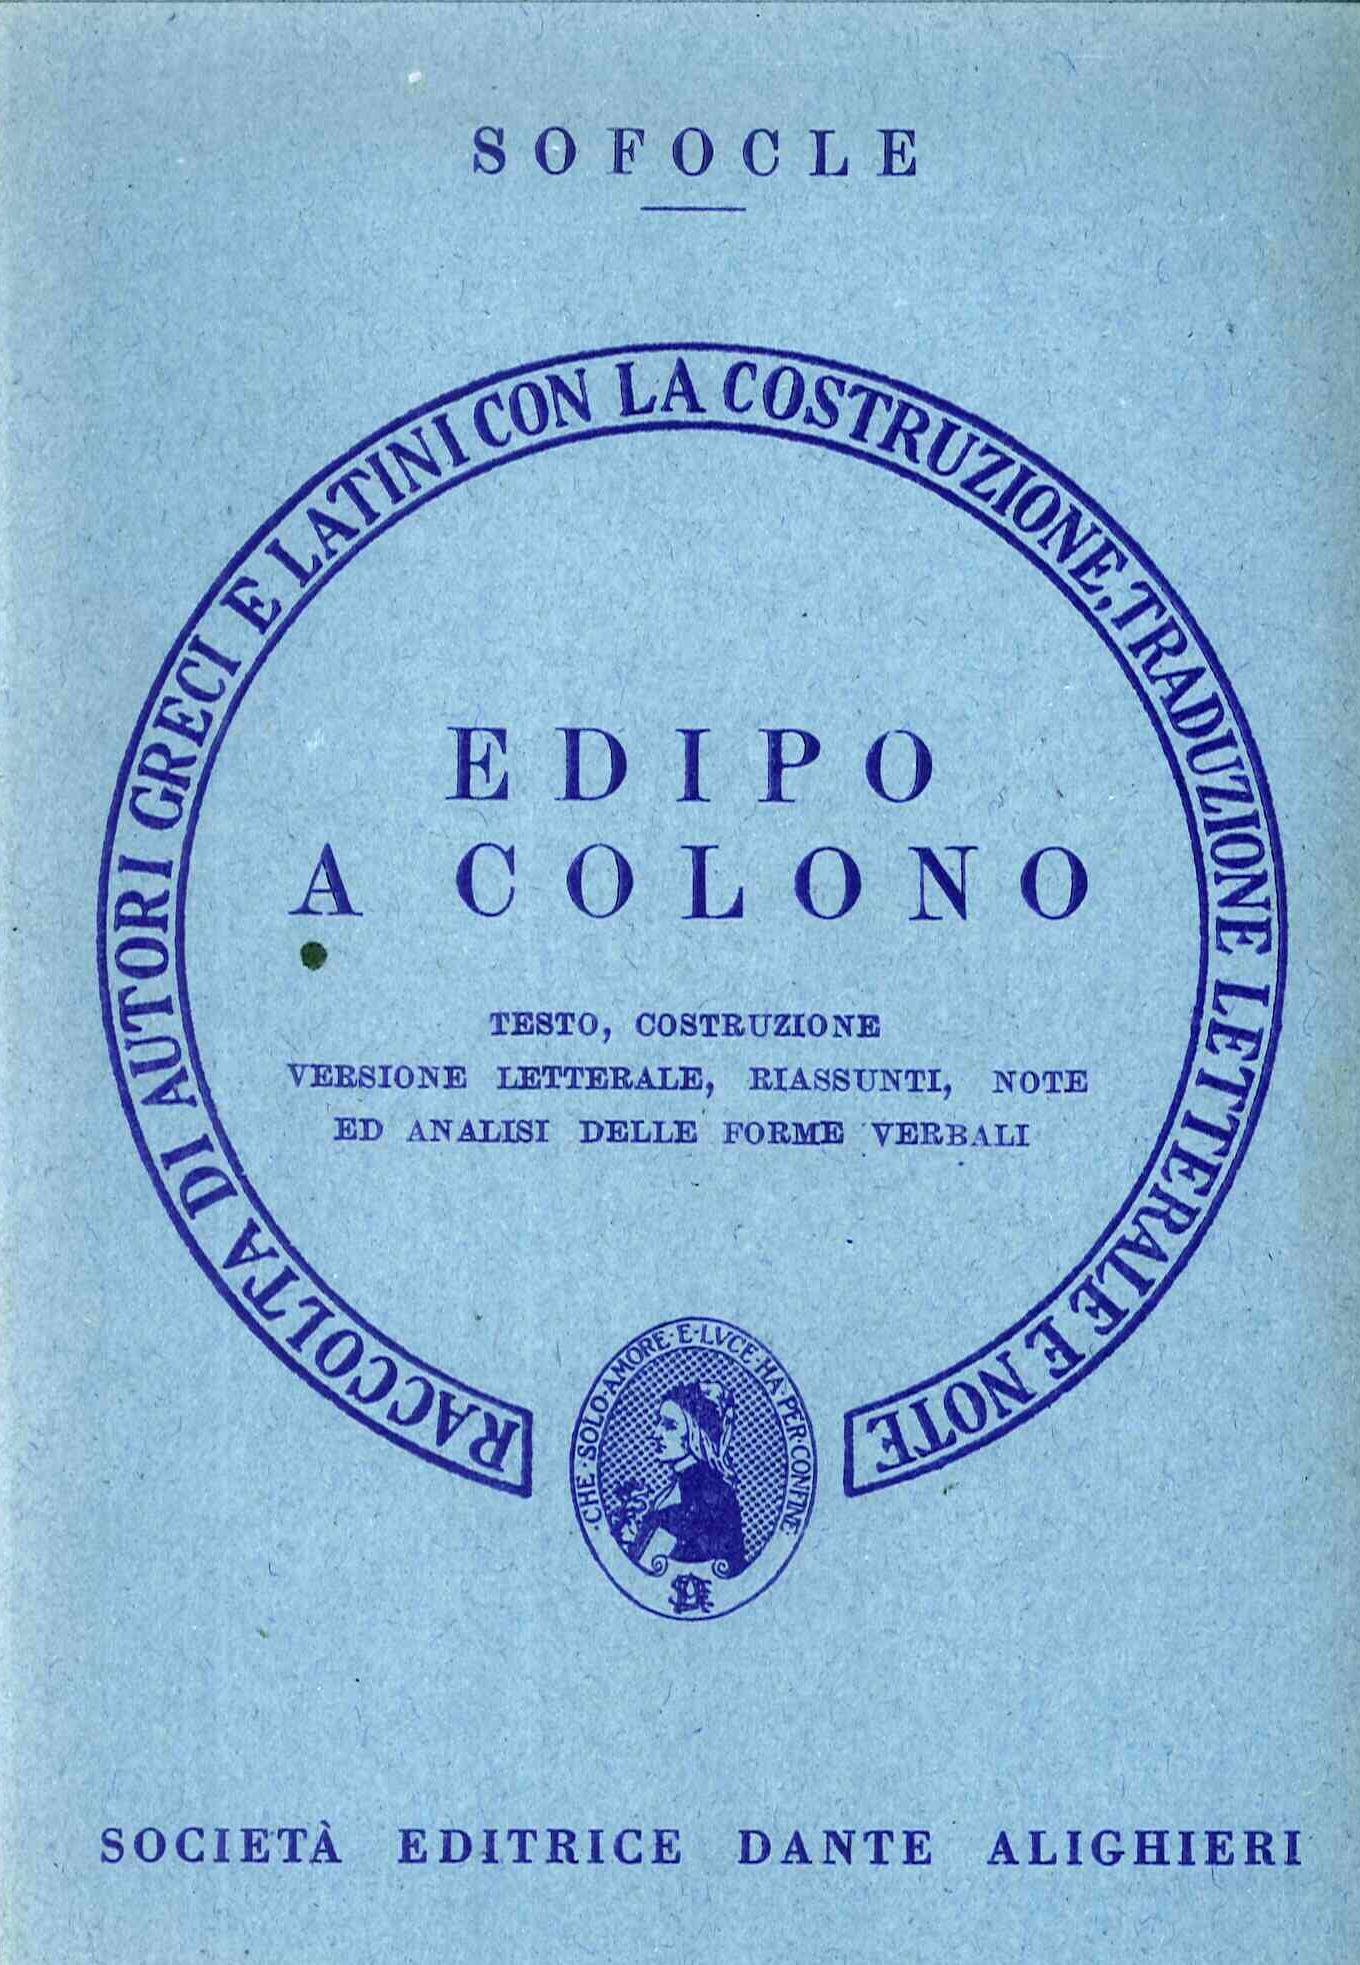 Edipo a Colono. Versione interlineare